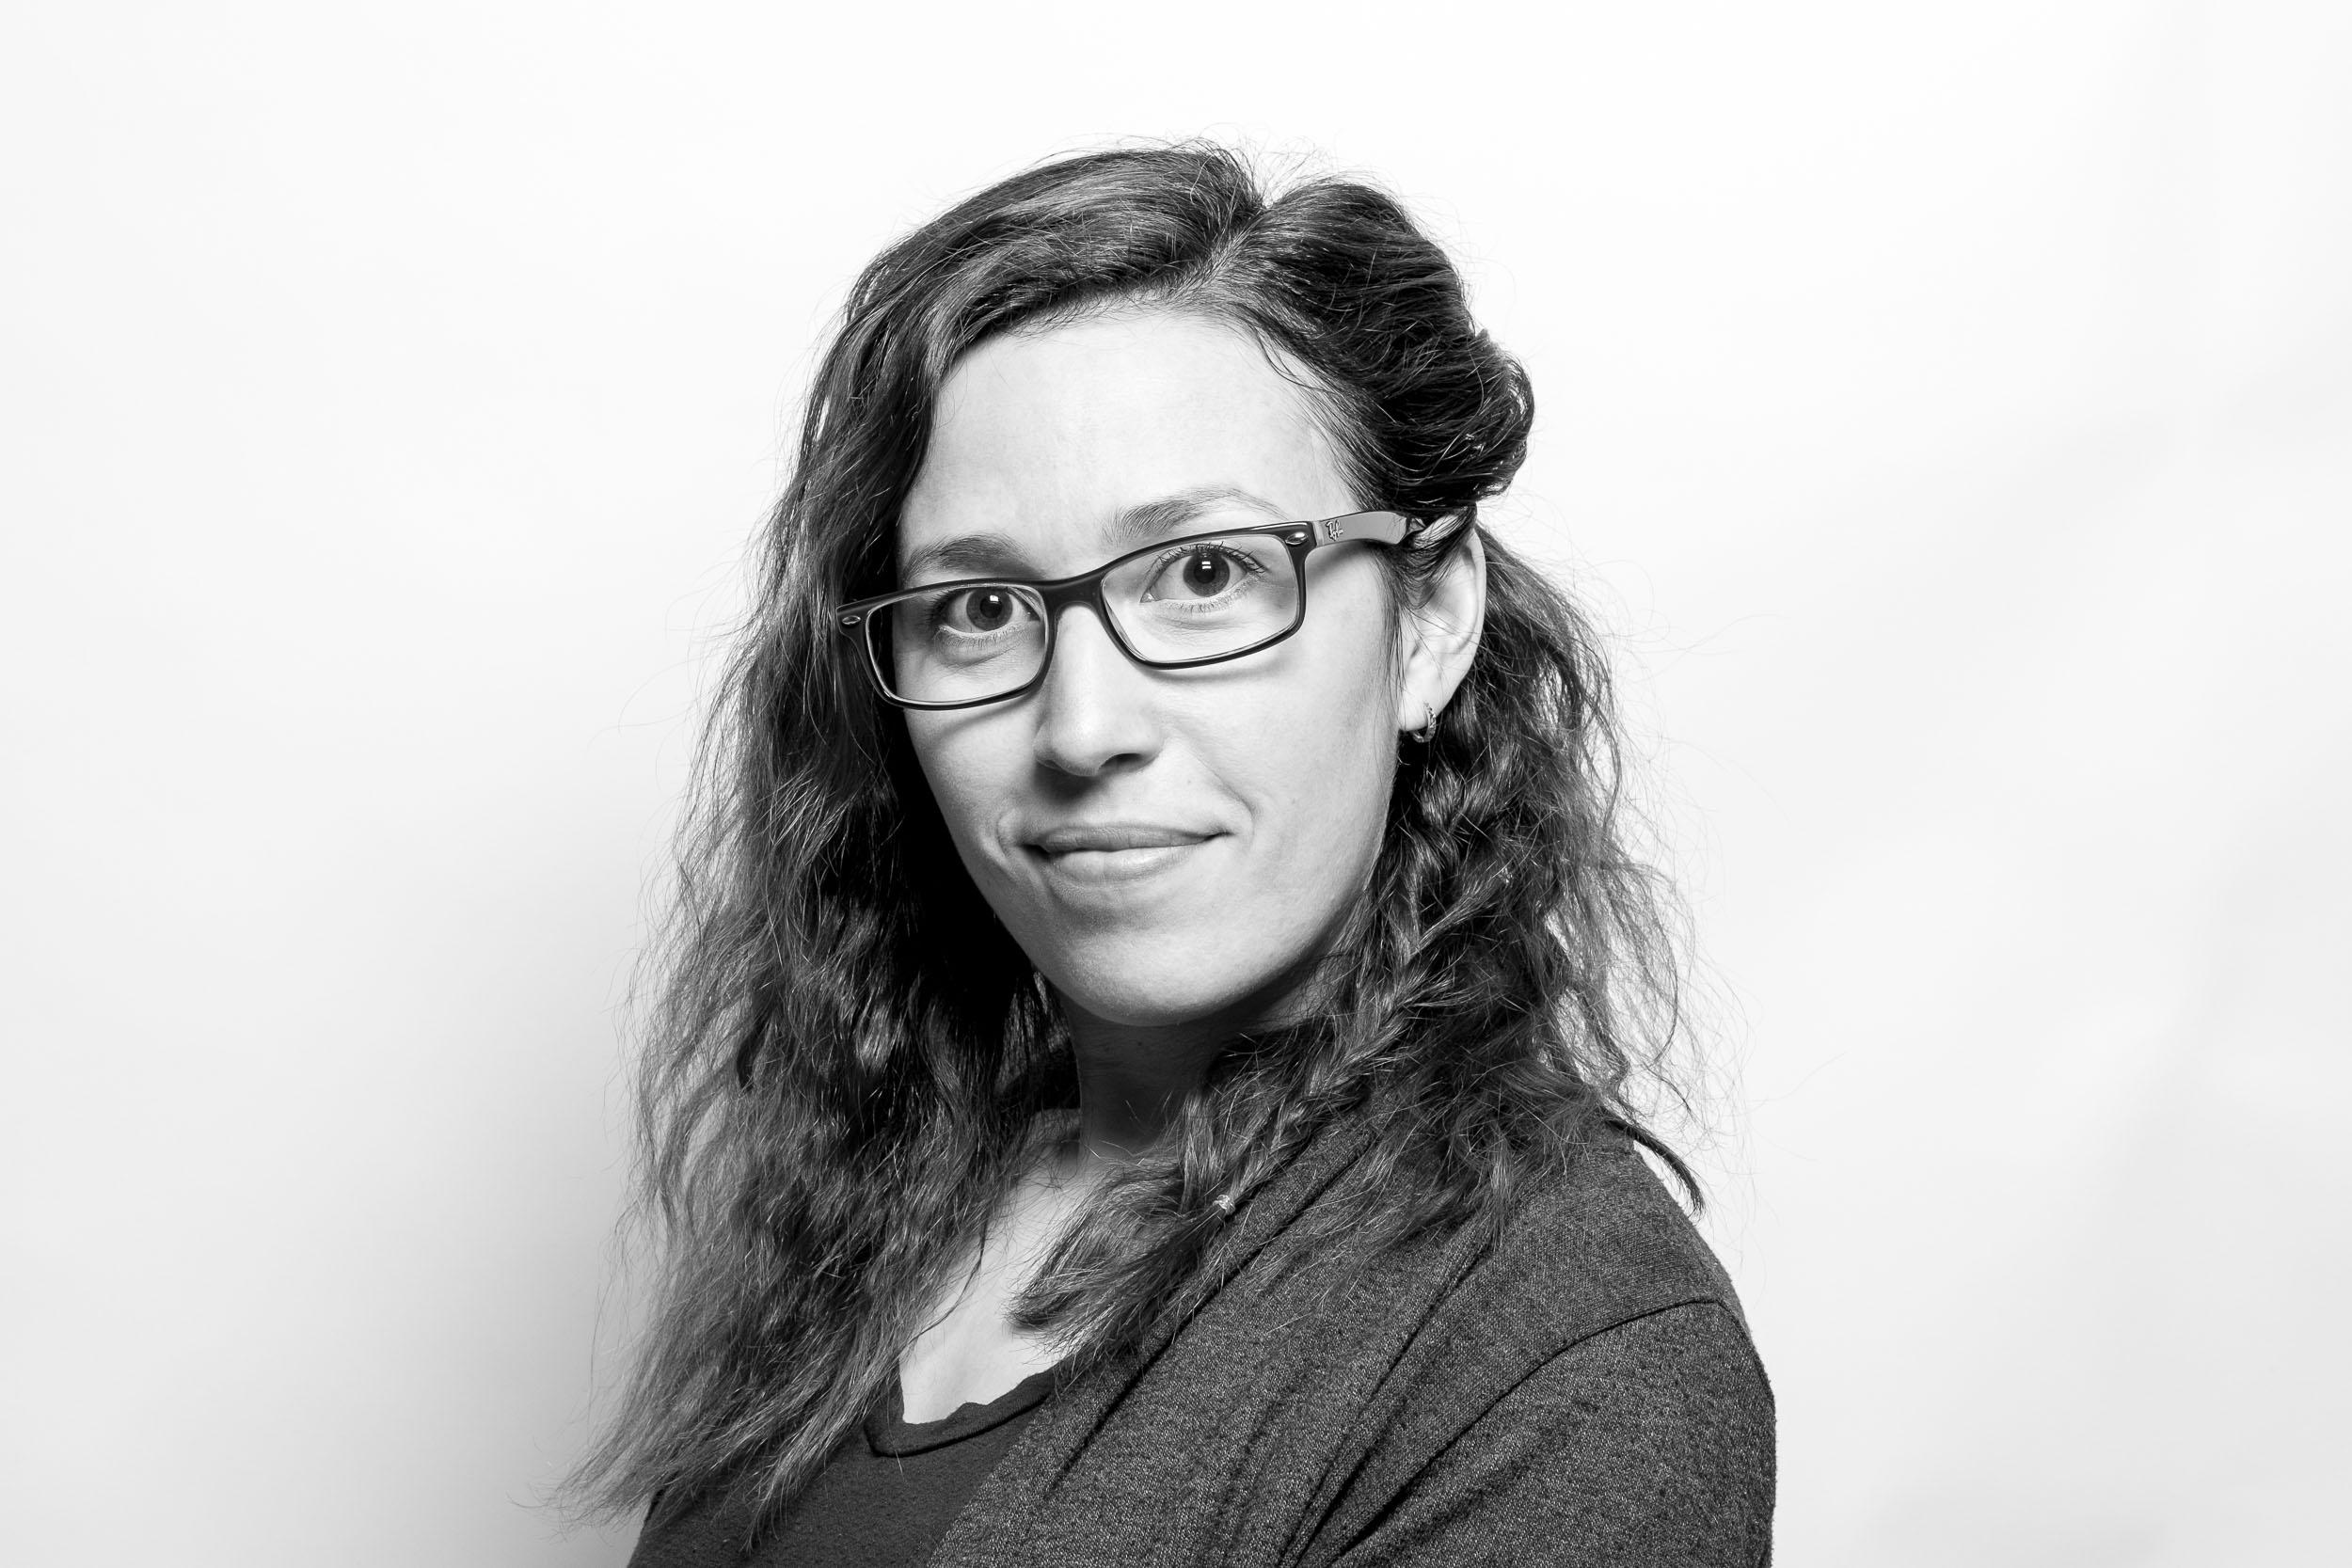 AUDREY-MAXINE VIDAL B. D. Env., Technicienne intermédiaire